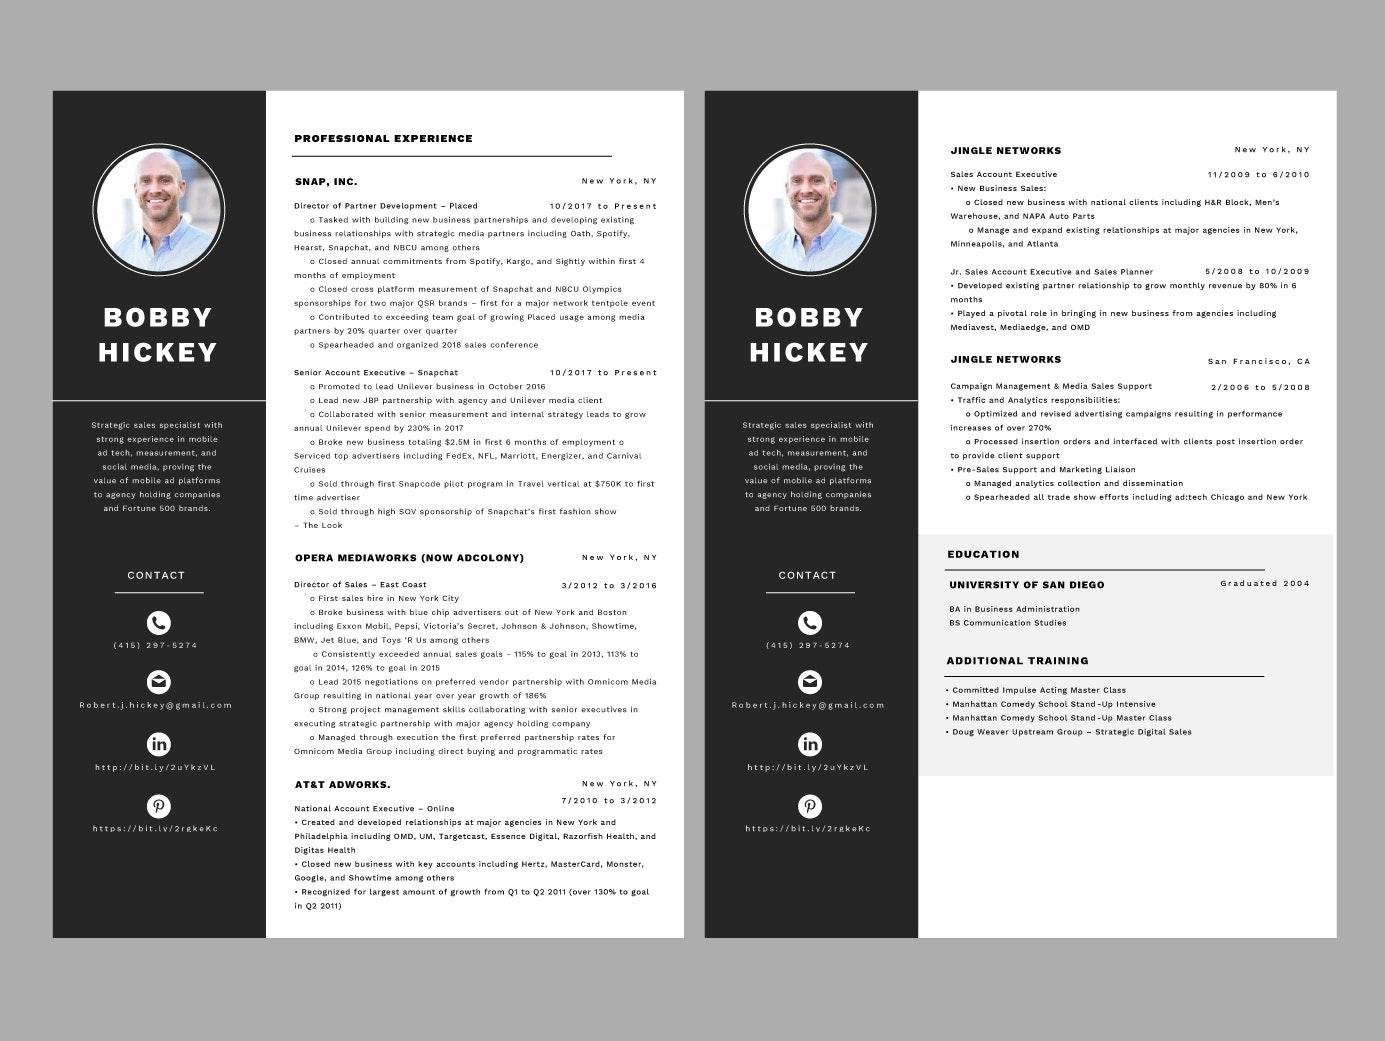 A resume design